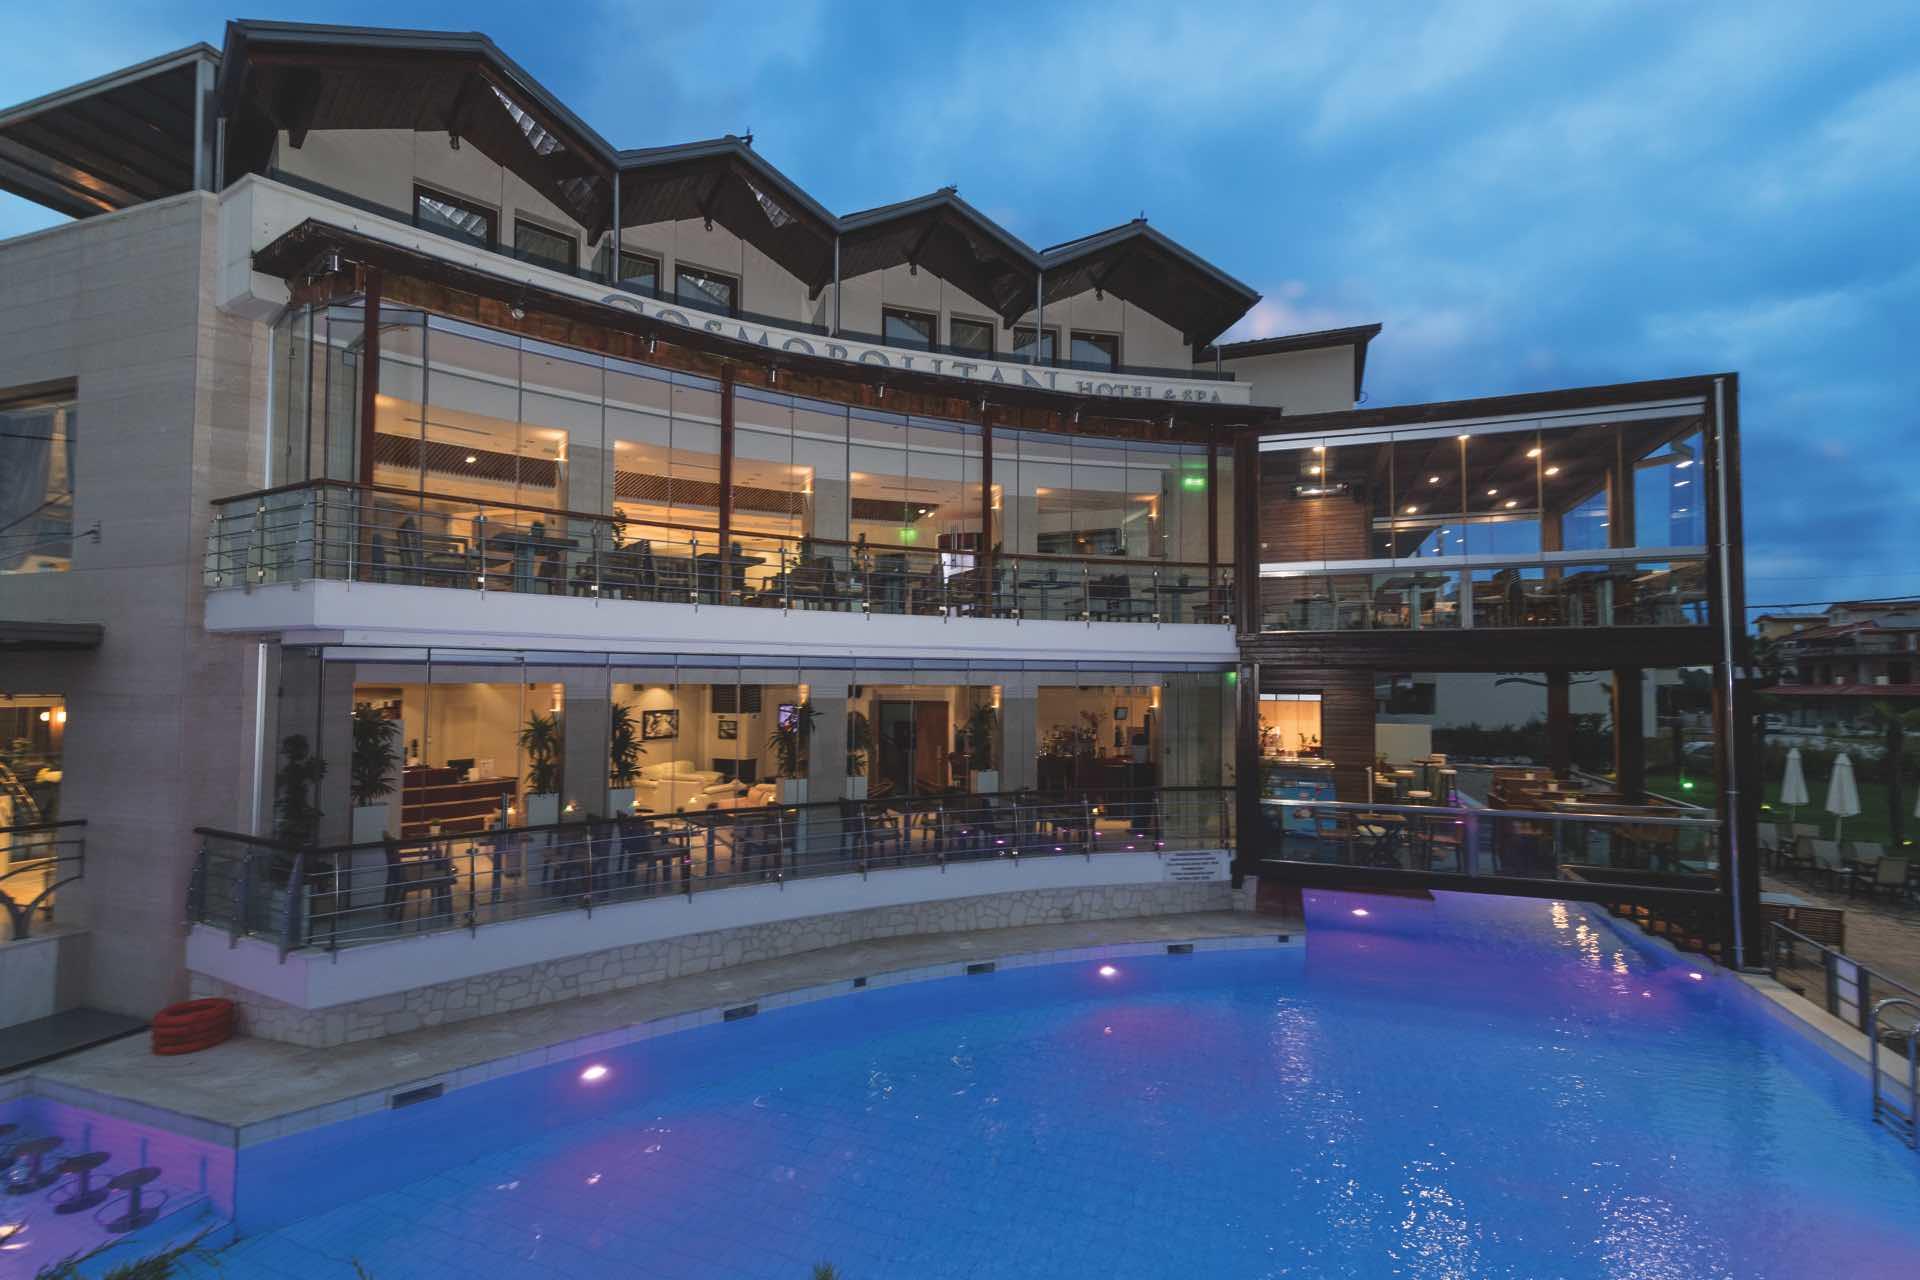 Hotel Cosmopolitan En Spa 1